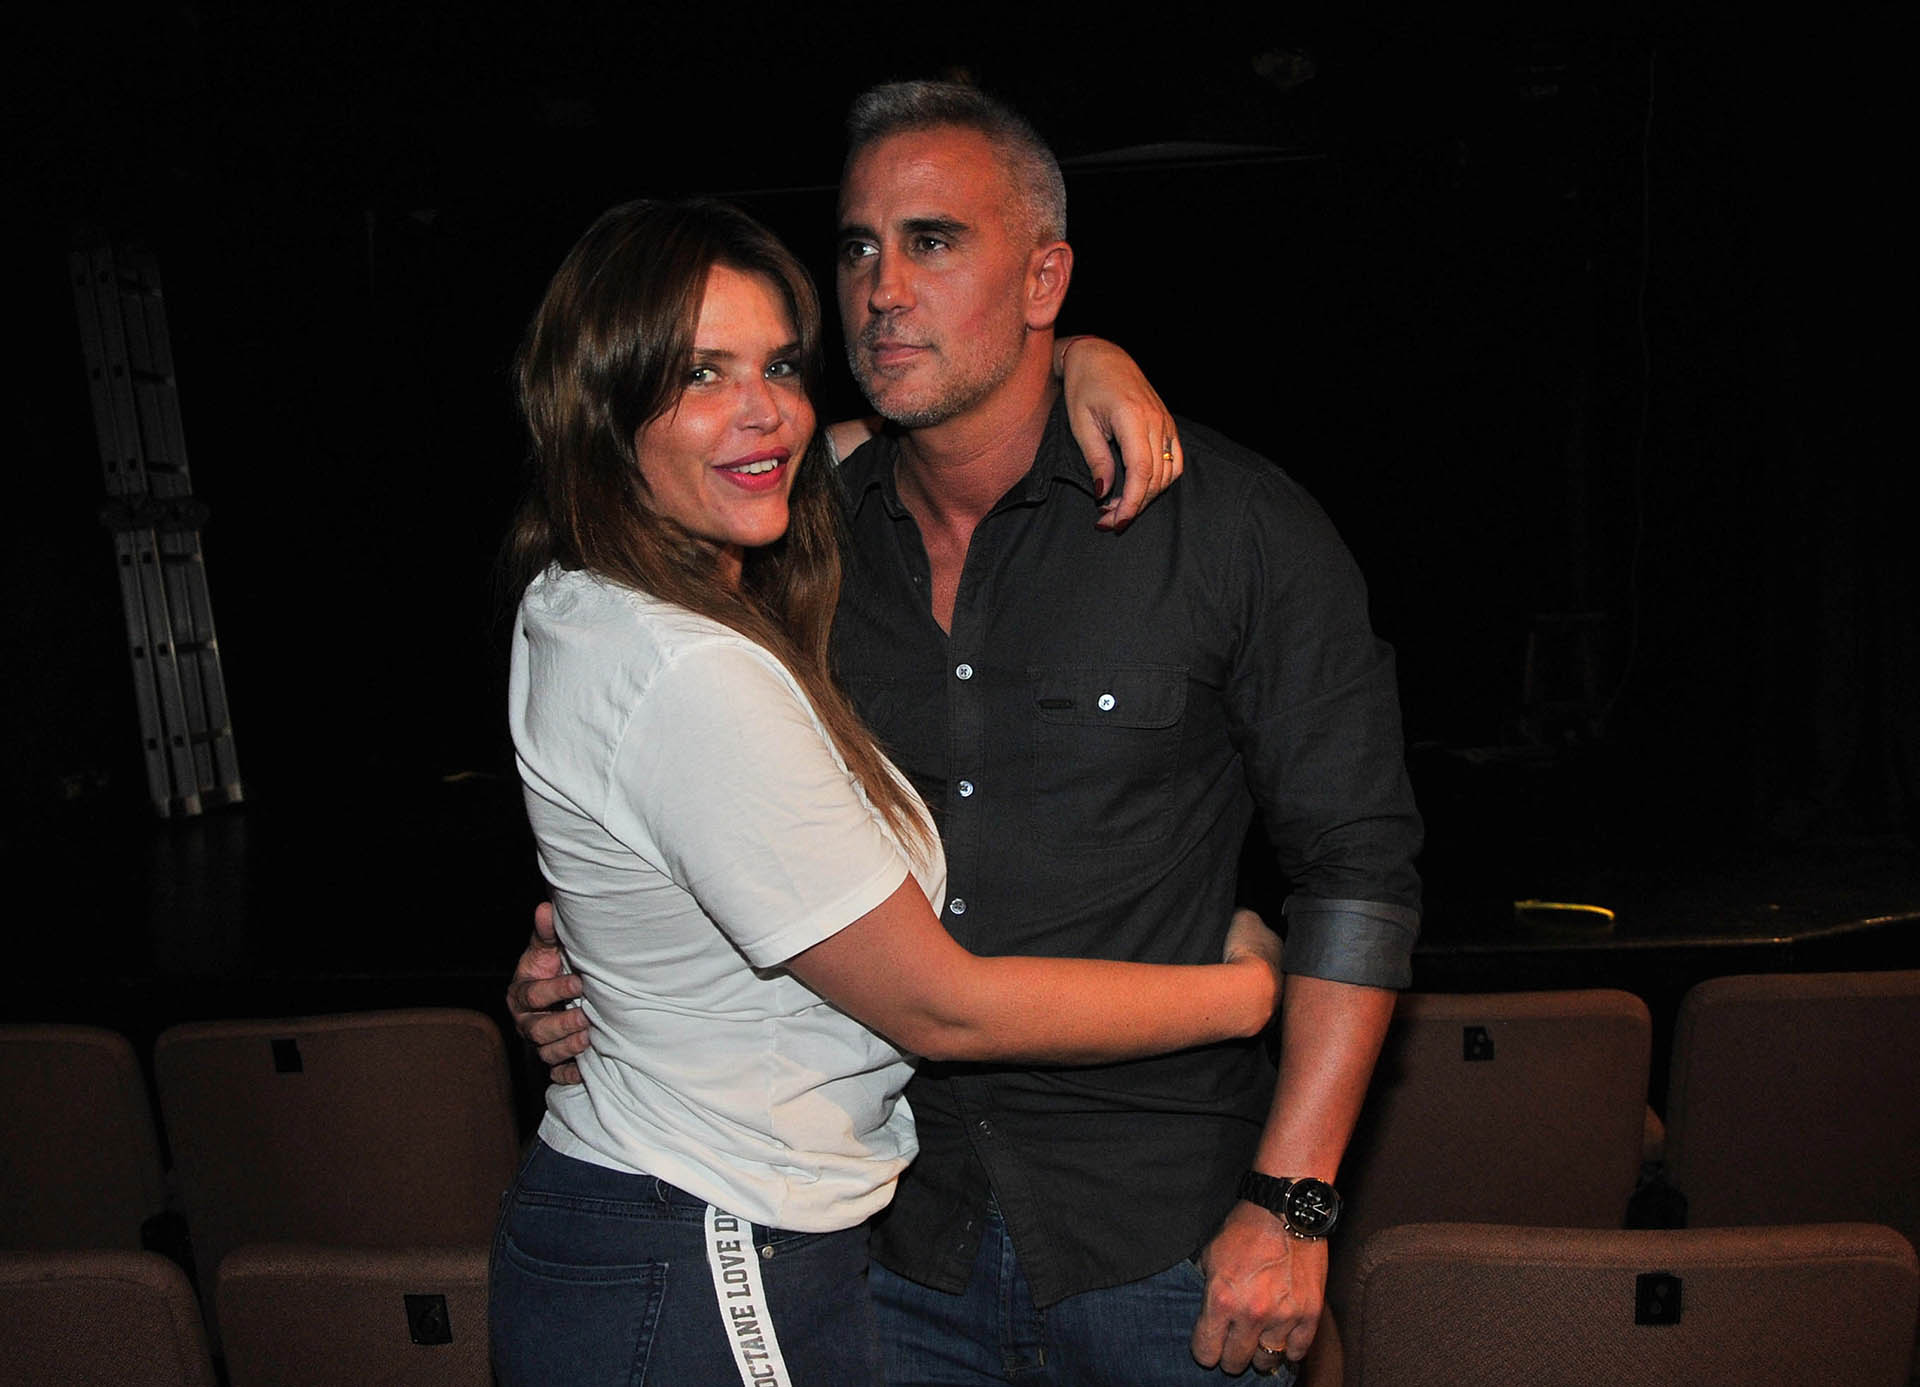 Nazarena, abrazada a su pareja, quien era amigo de Fabián Rodríguez